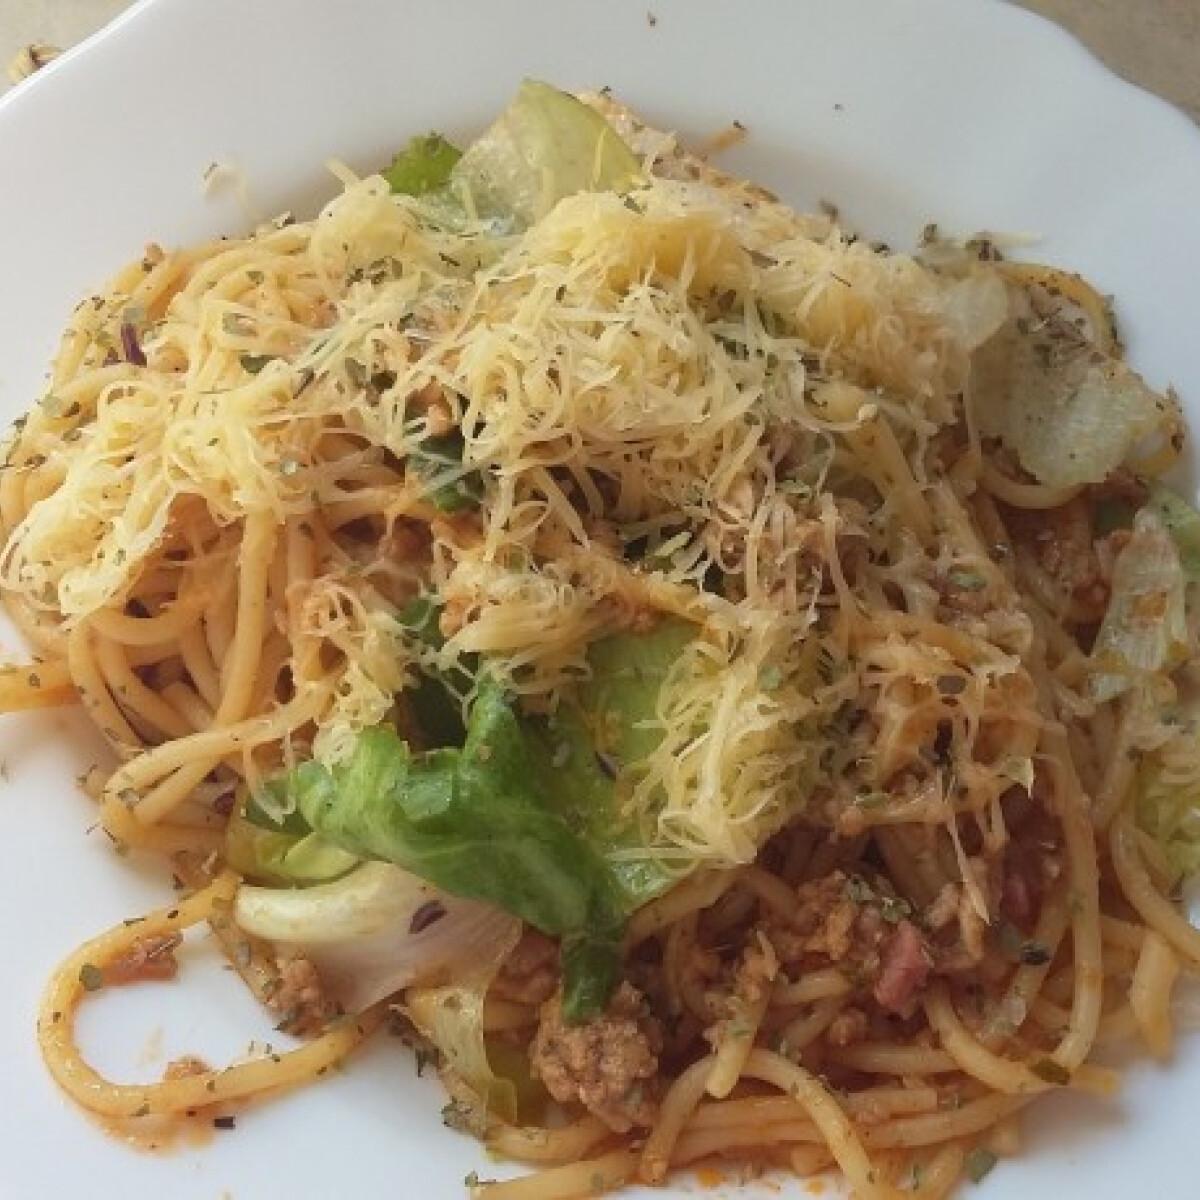 Ezen a képen: Bolognai spagetti ropogós zöldségekkel